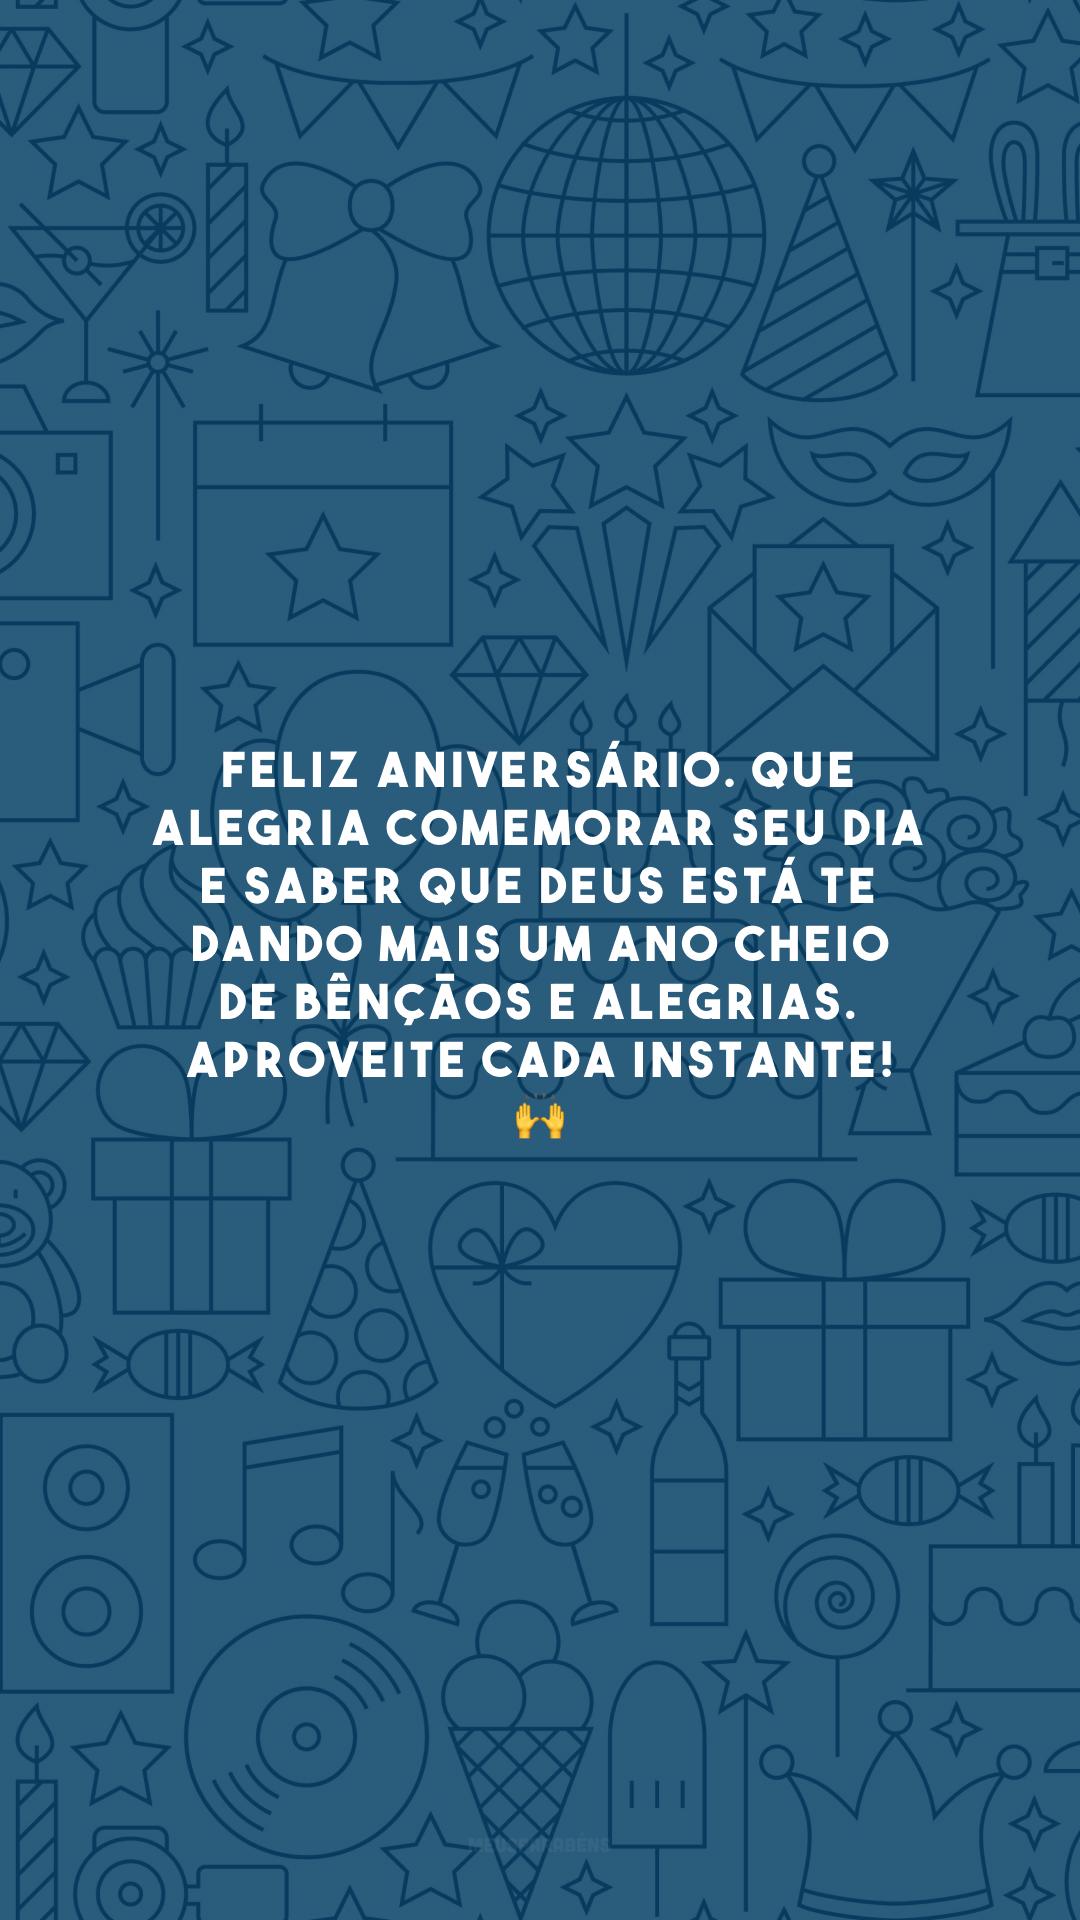 Feliz aniversário. Que alegria comemorar seu dia e saber que Deus está te dando mais um ano cheio de bênçãos e alegrias. Aproveite cada instante! 🙌